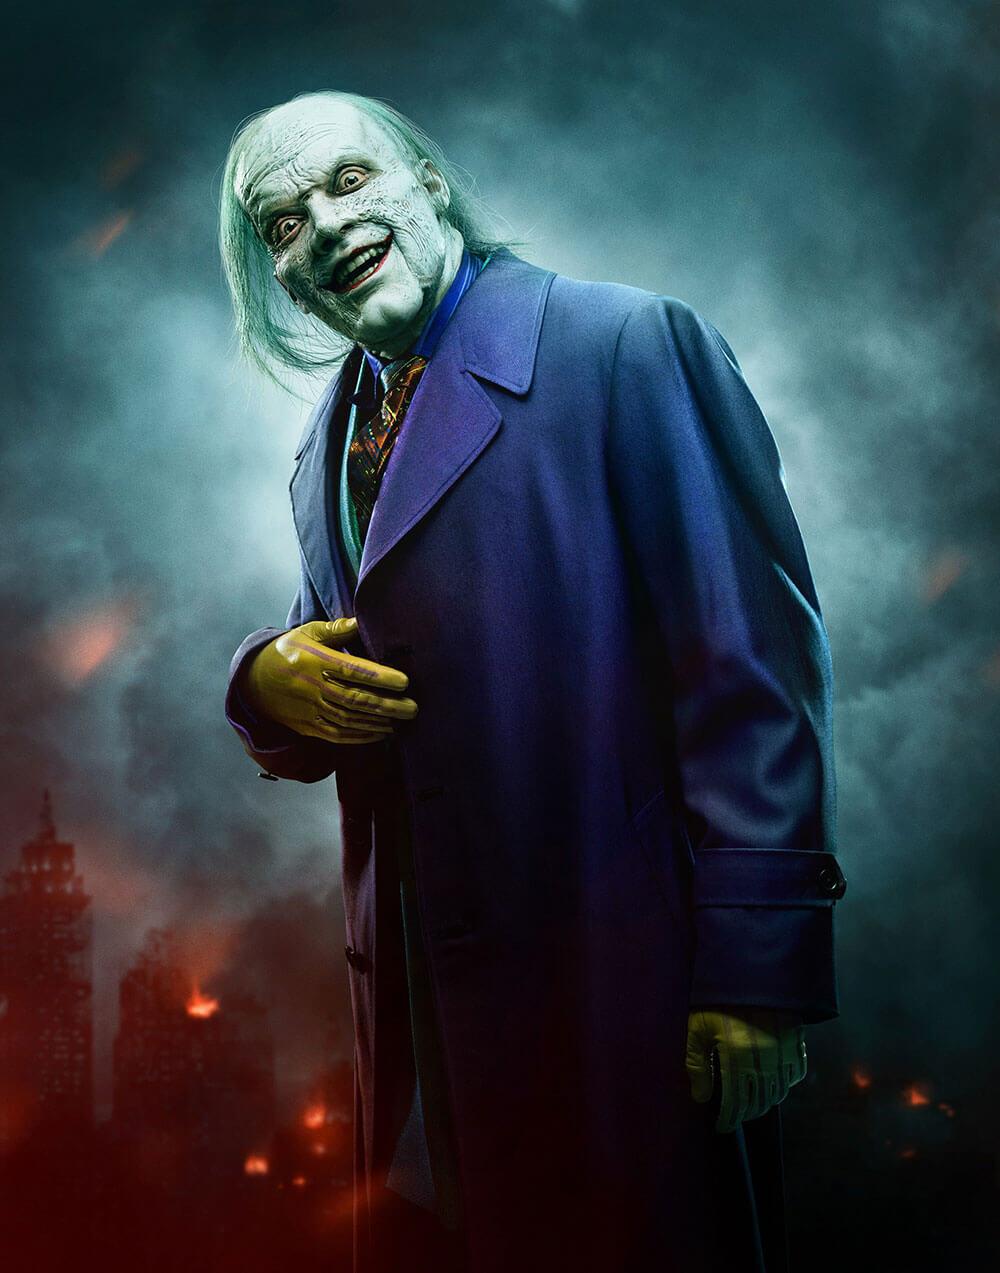 Джокер в сериале Готэм